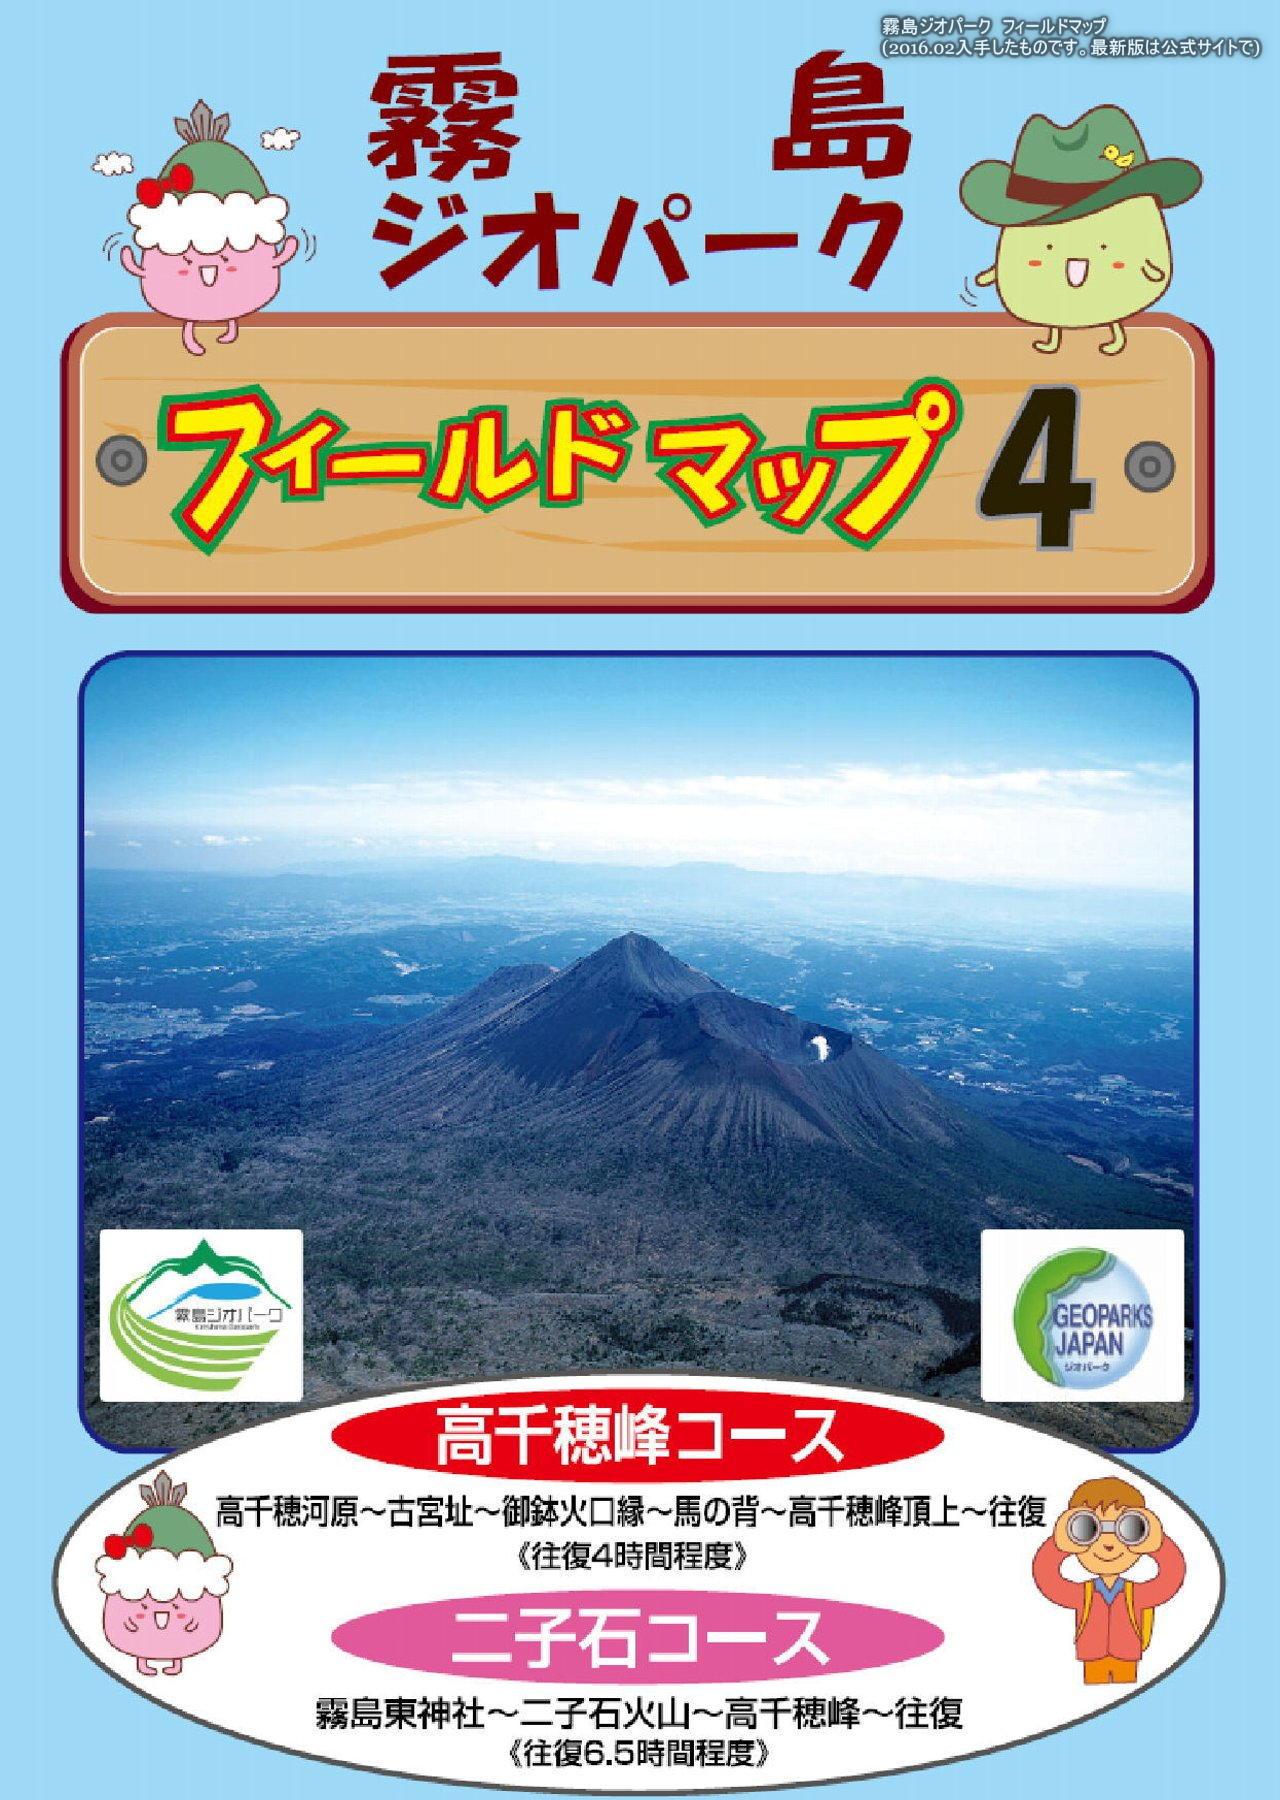 b6c46d7526 霧島ジオパークフィールドマップ4(高千穂峰 二子石コース(高原町から)) ...